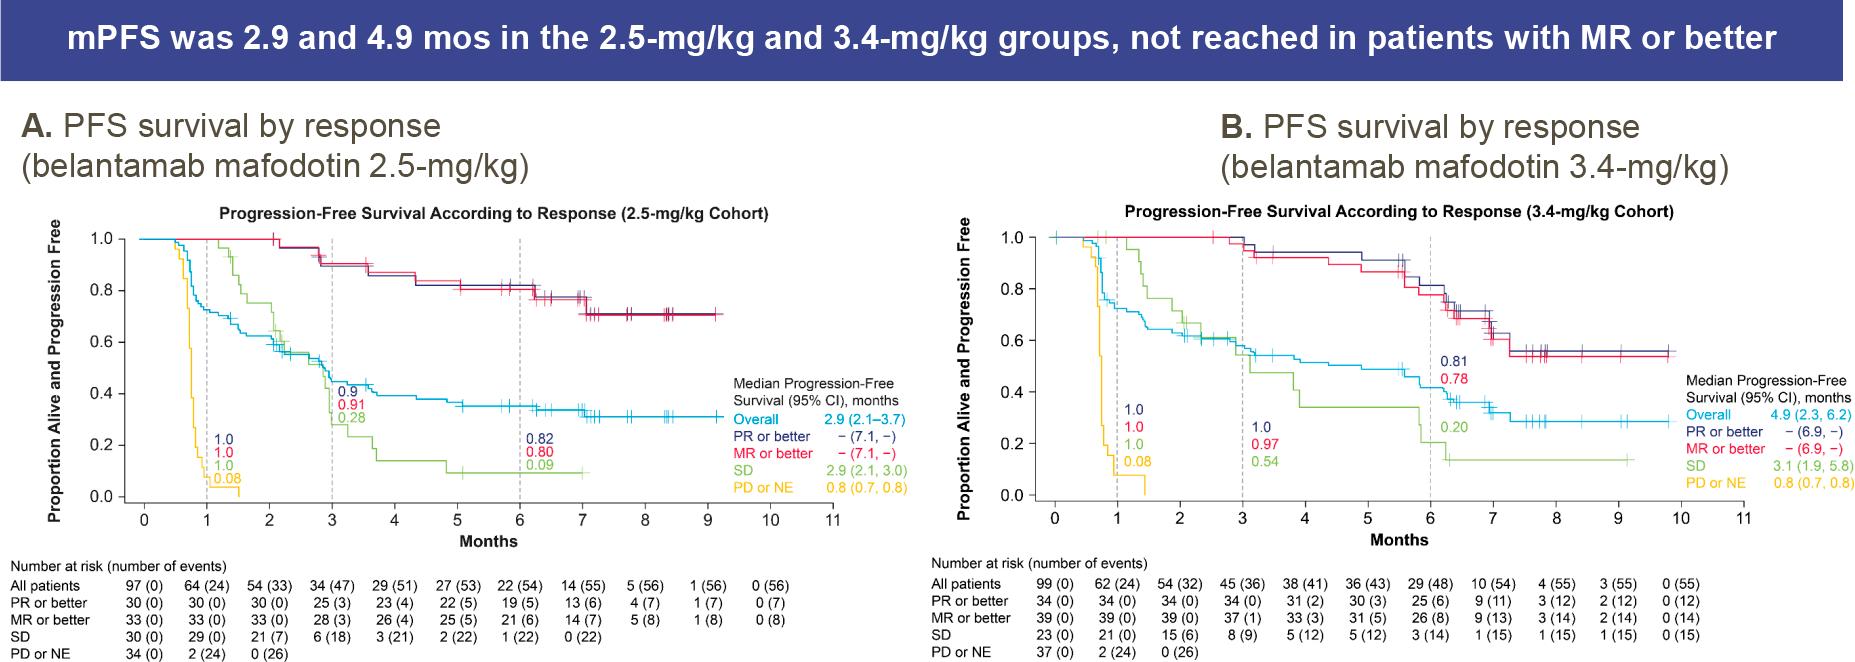 belantamab mafodotin nct03525678 results 03 - Белантамаб мафодотин для лечения множественной миеломы